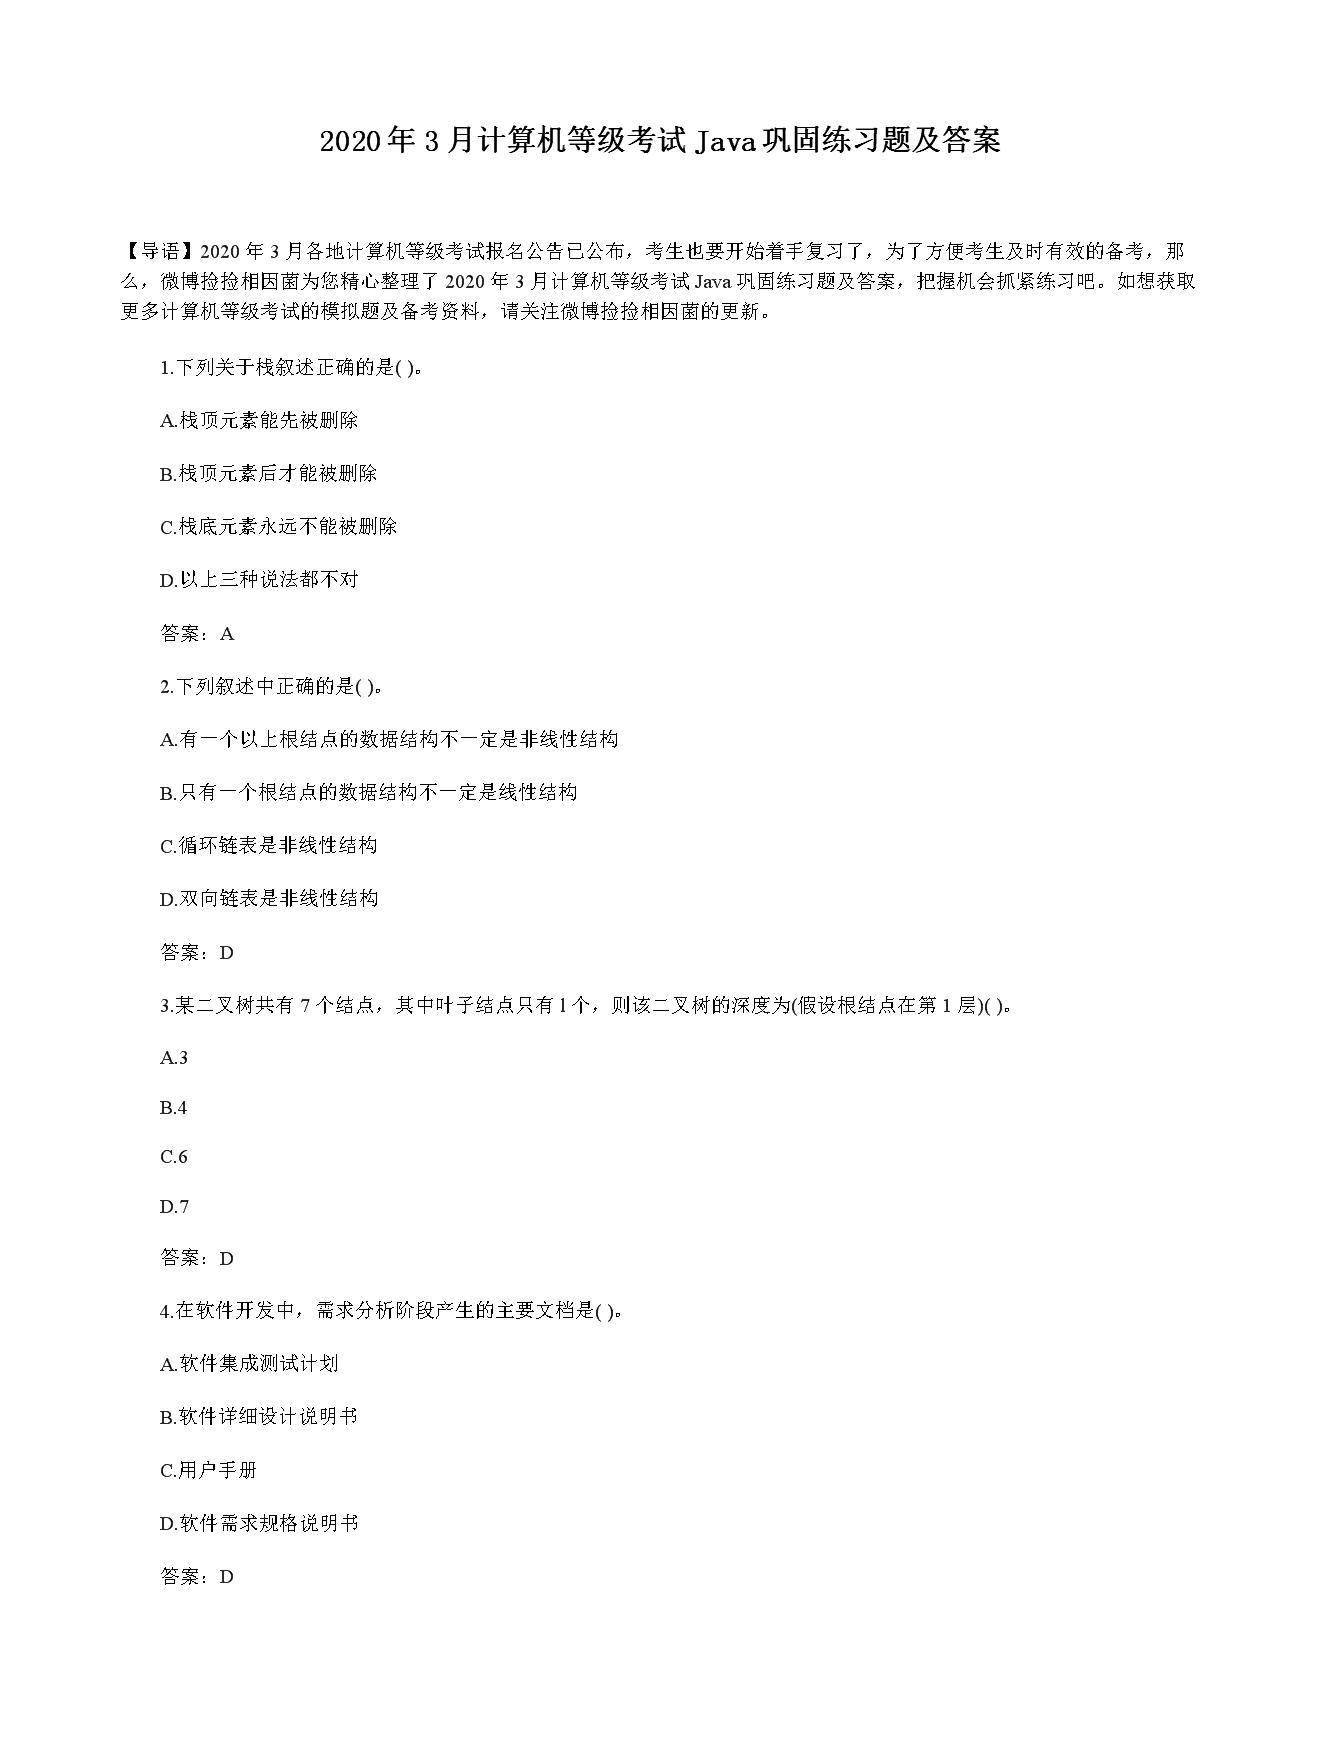 2020年3月计算机等级考试Java巩固练习题及答案.doc